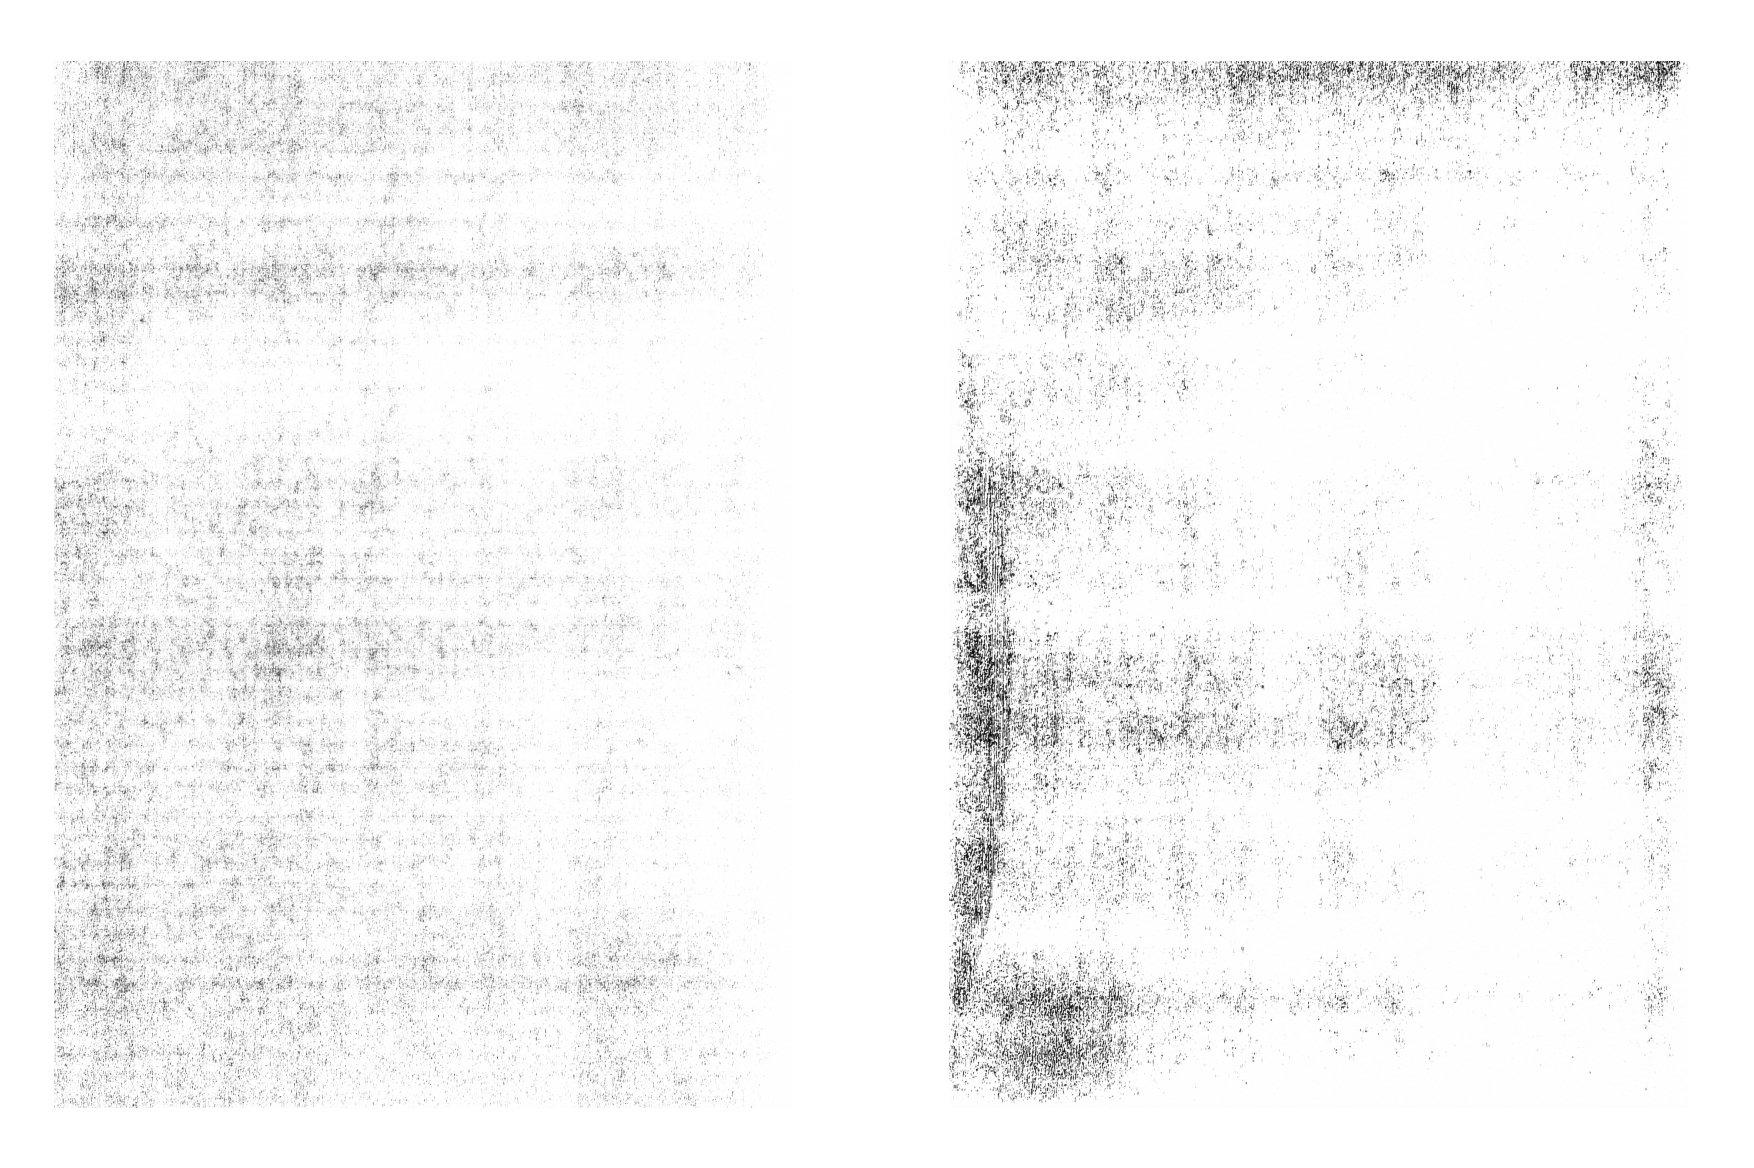 156款复古做旧折痕磨损褶皱纸张背景纹理素材合集 The Grunge Texture Bundle Vol. 1插图(72)